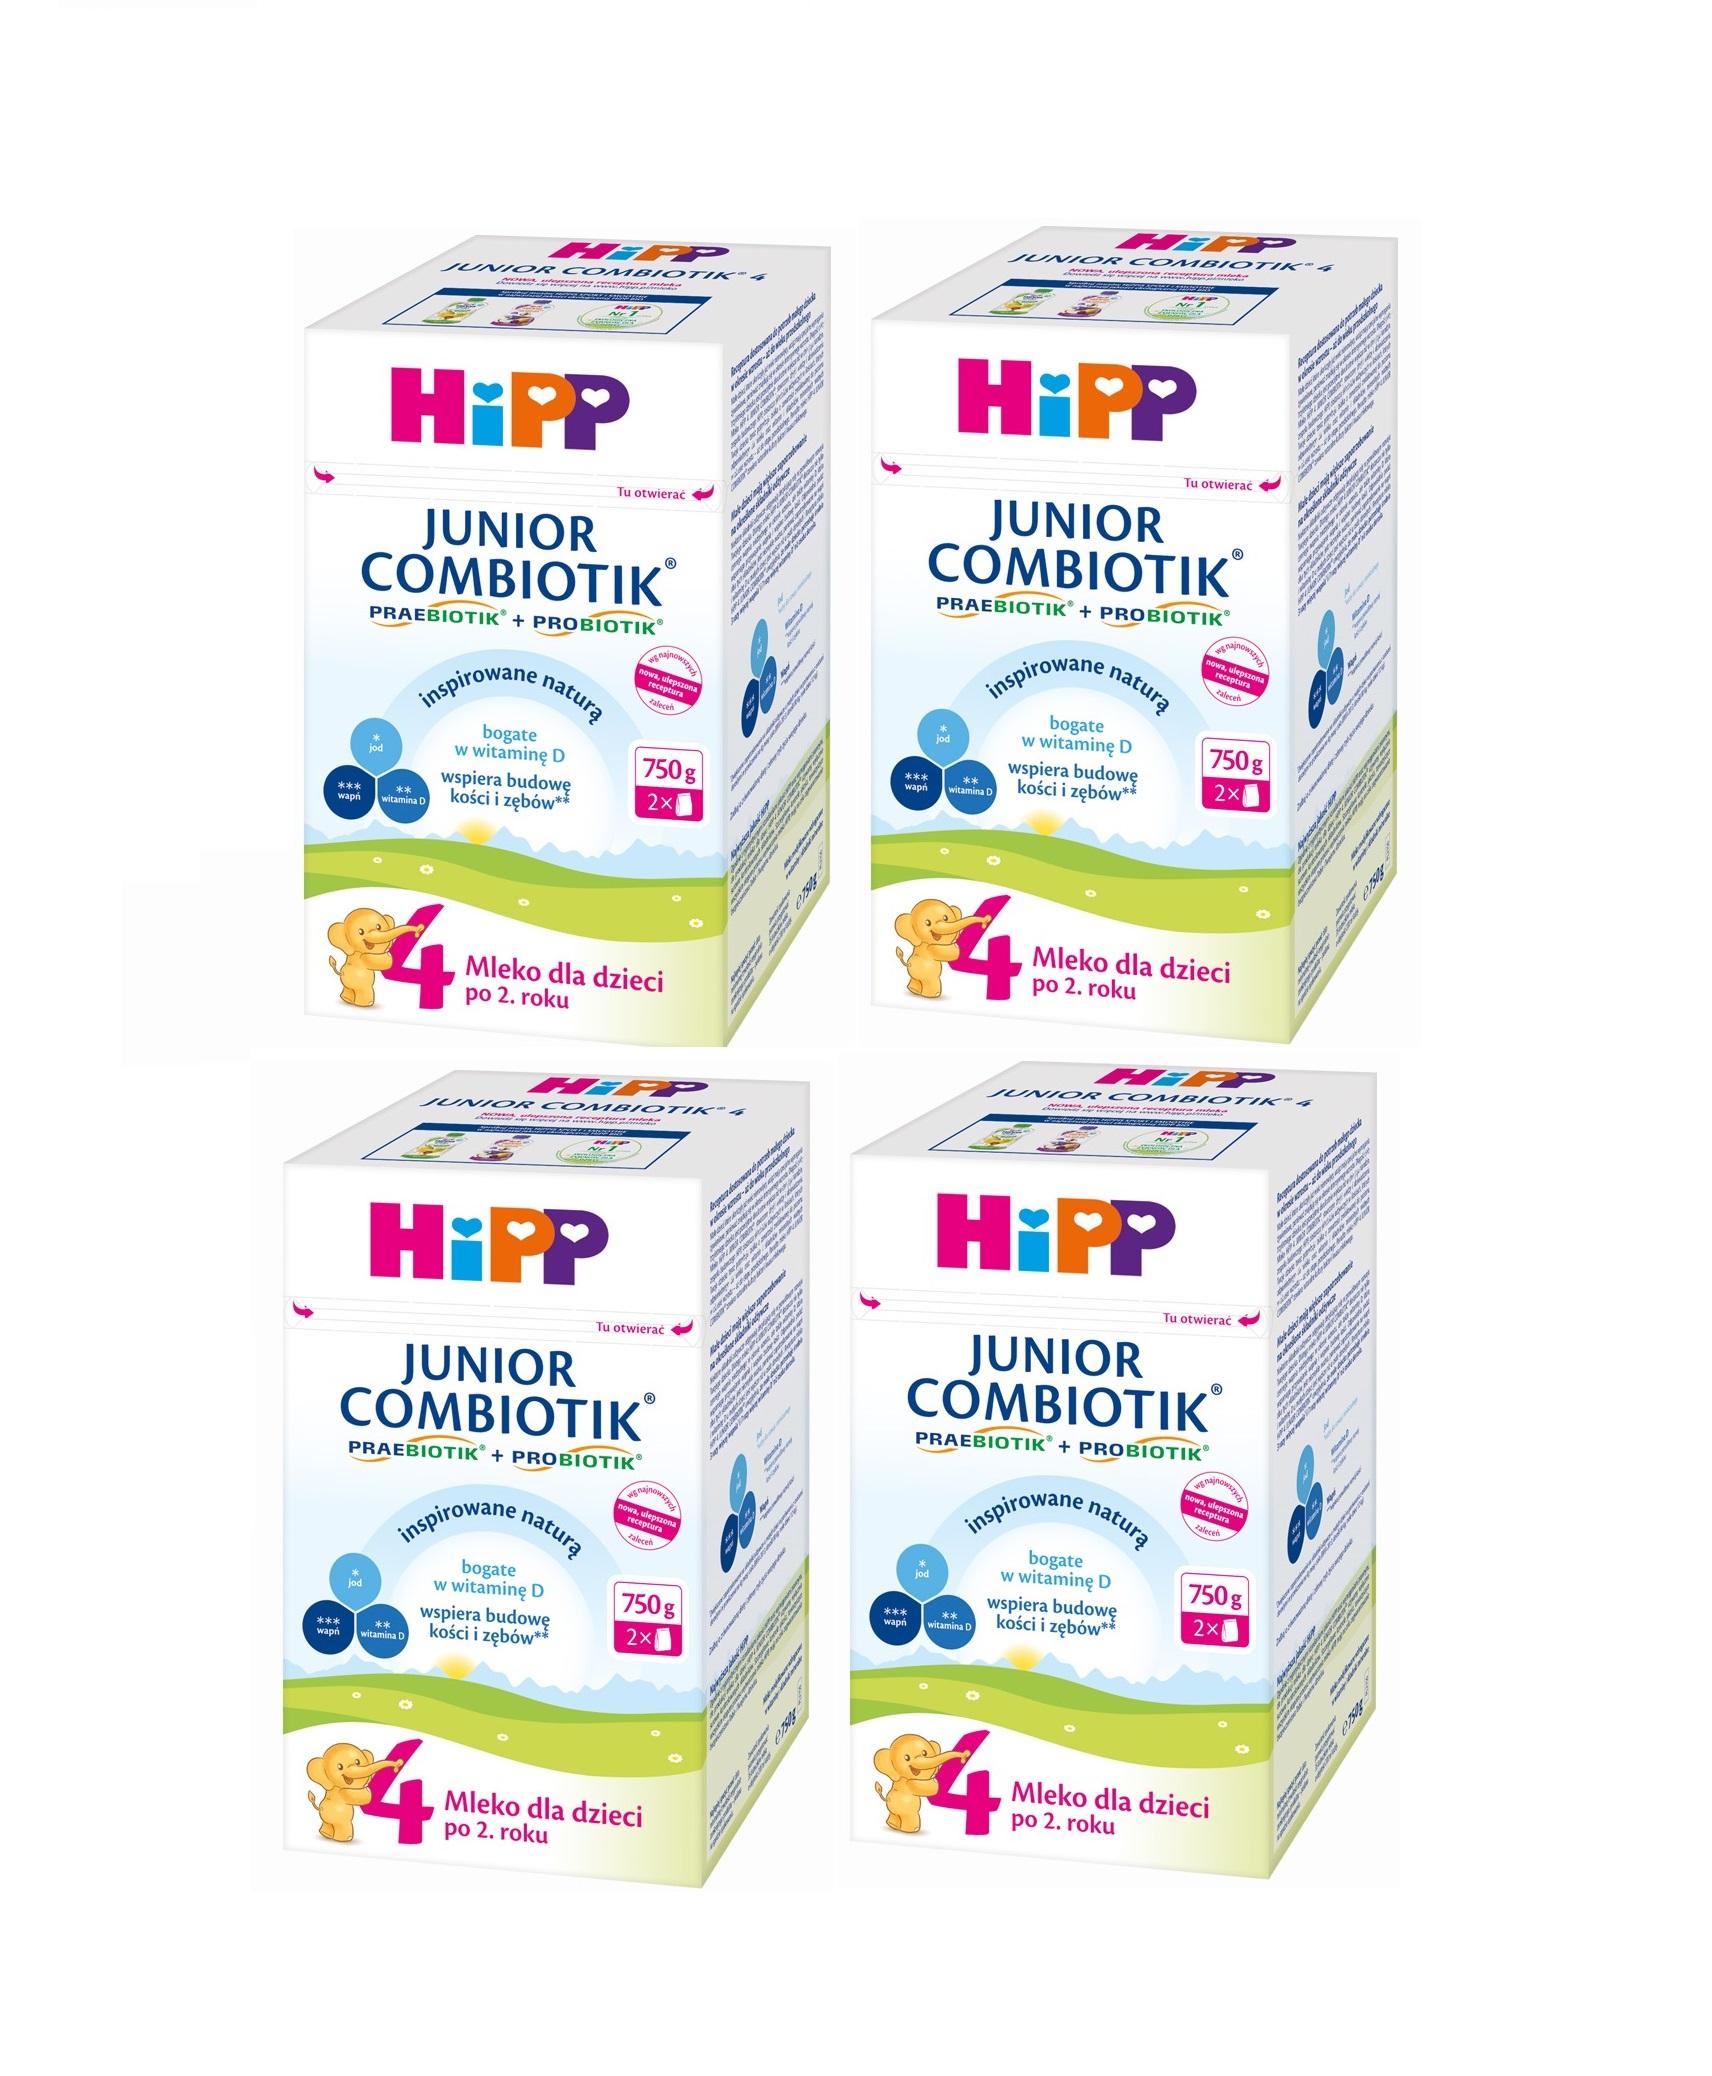 mleko 4 4x_750g hipp bez znaczka